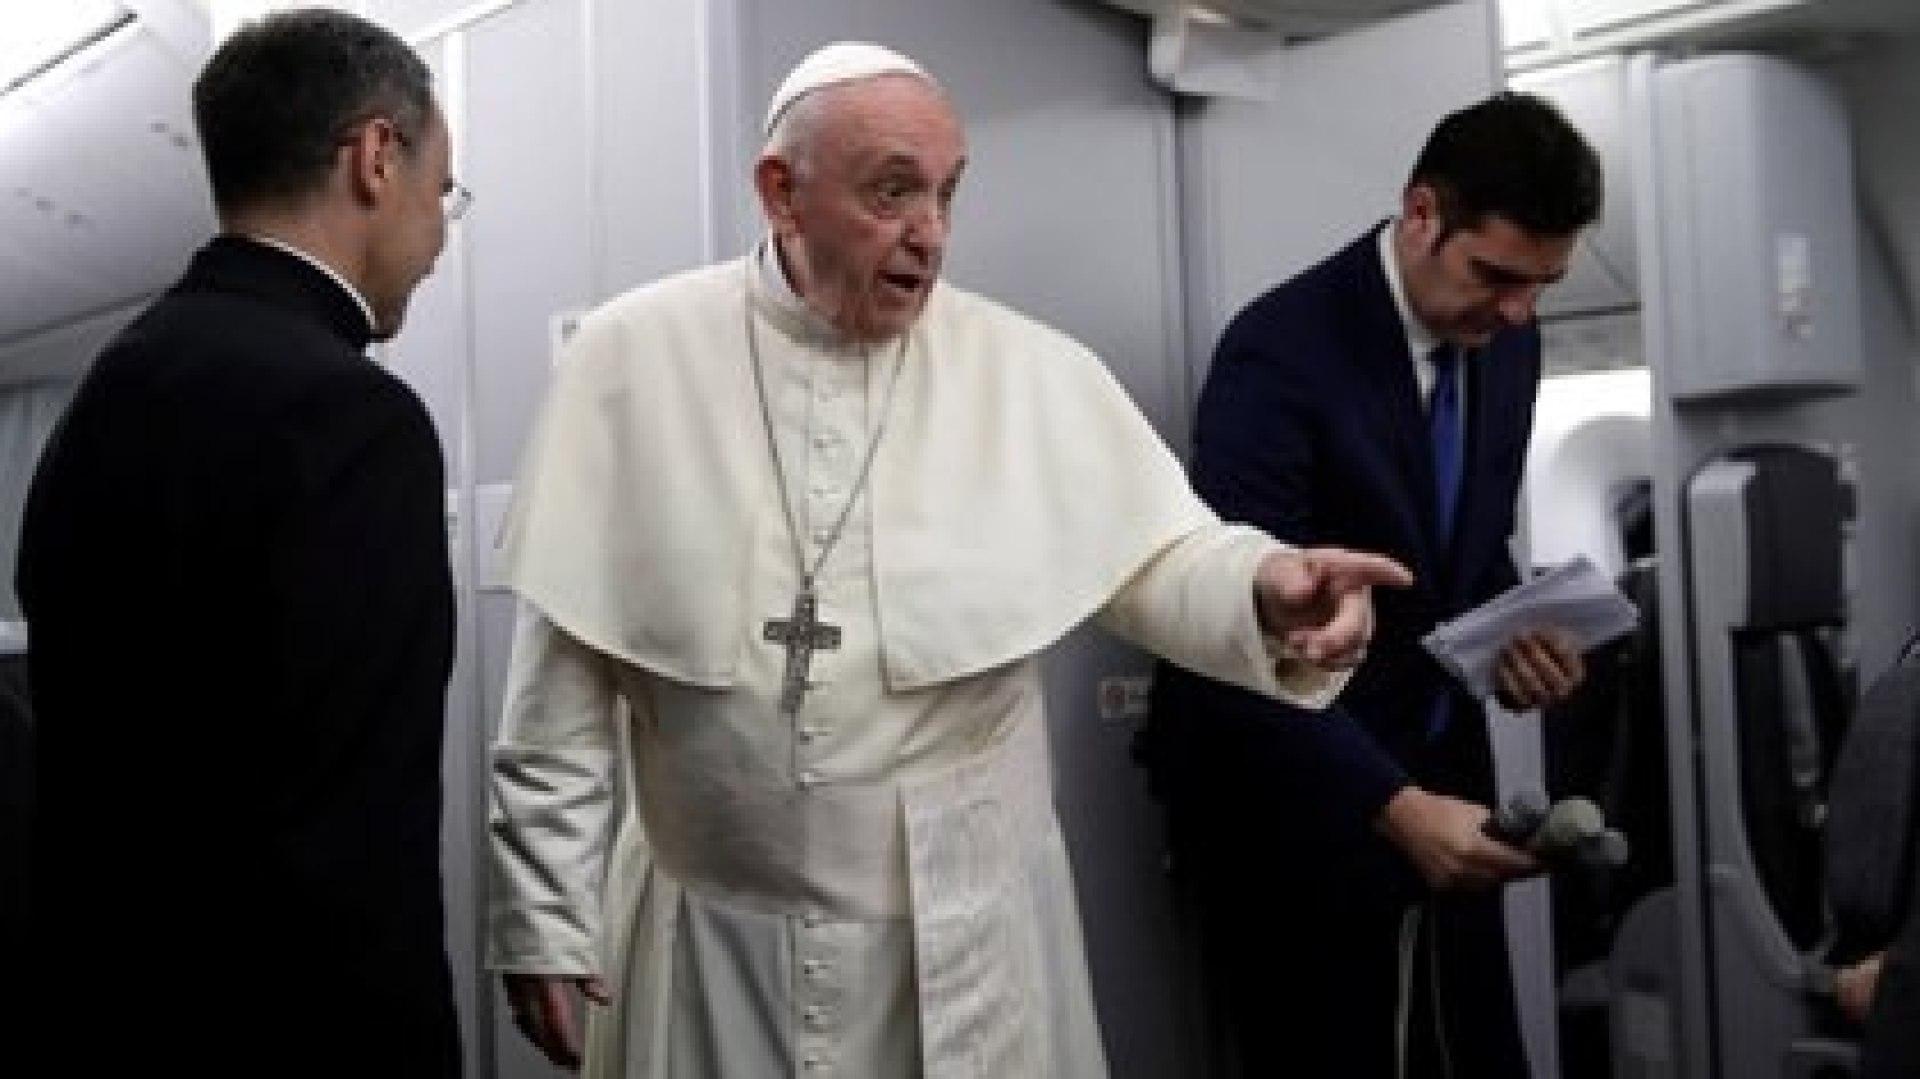 El papa Francisco habla con periodistas durante su vuelo de regreso de Panamá a Roma, en enero de 2019. Alessandra Tarantino/Pool via REUTERS